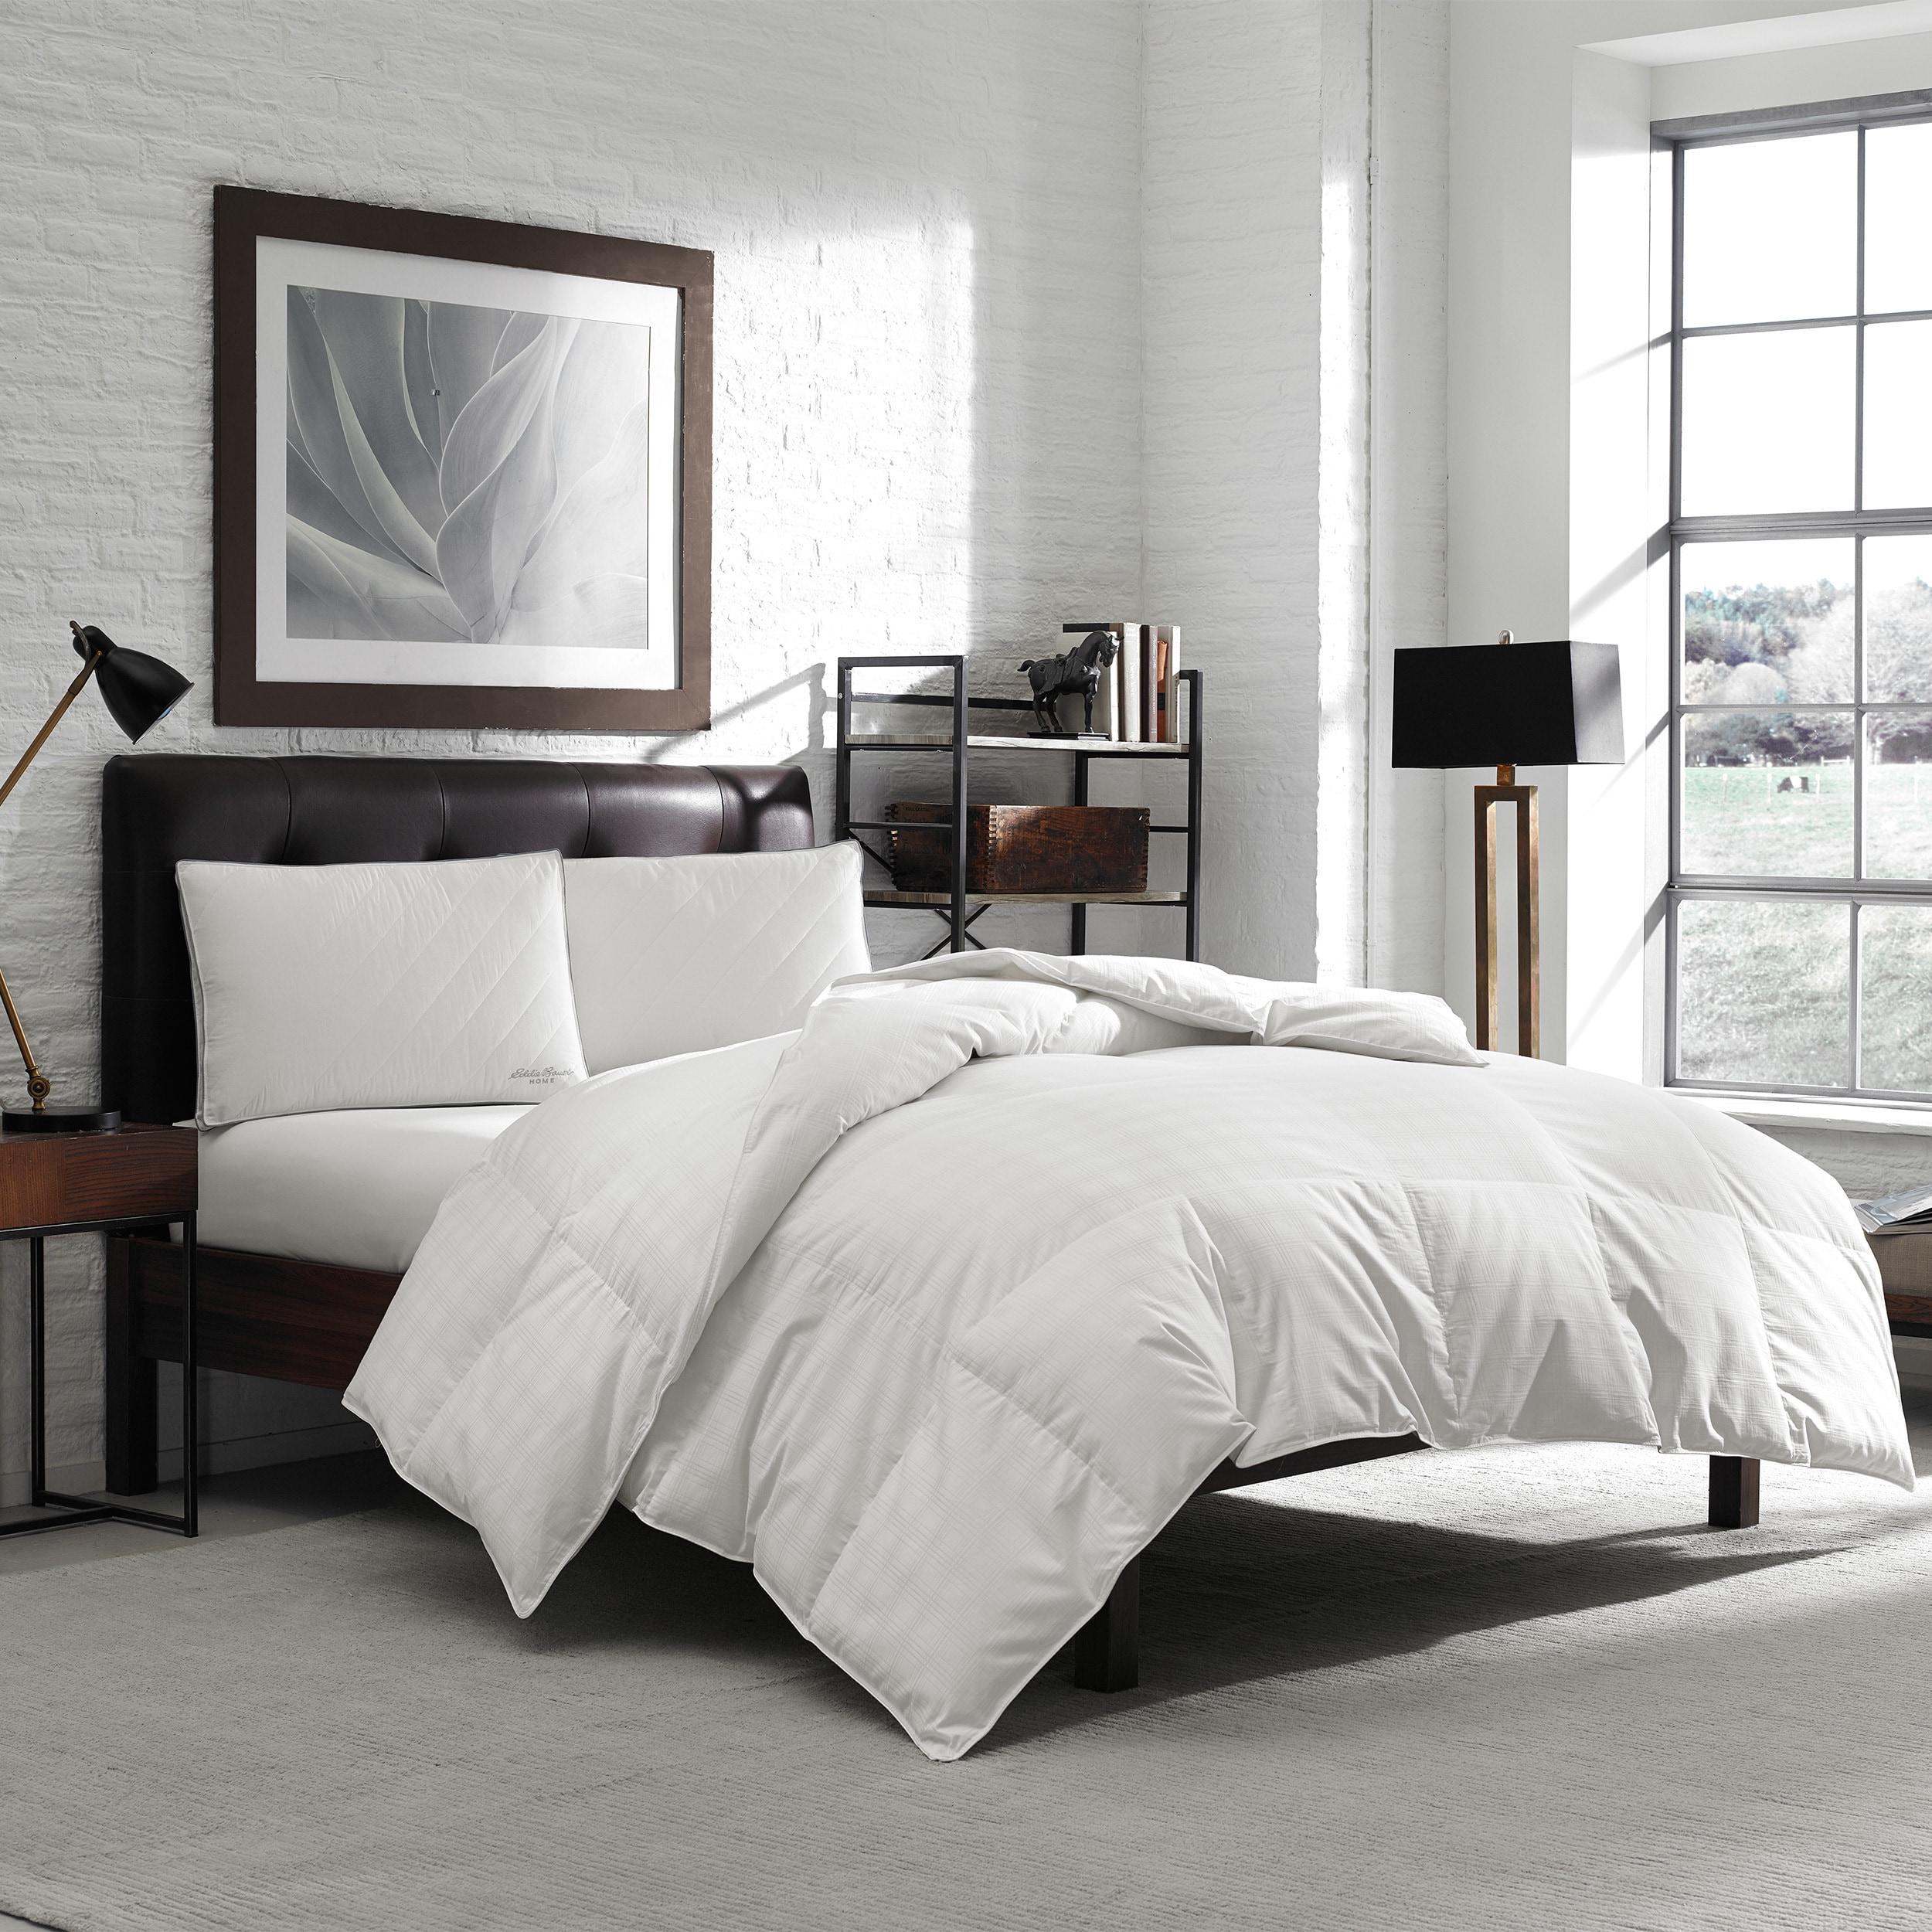 Eddie Bauer 650 Fill Power Oversize White Down Comforter ...